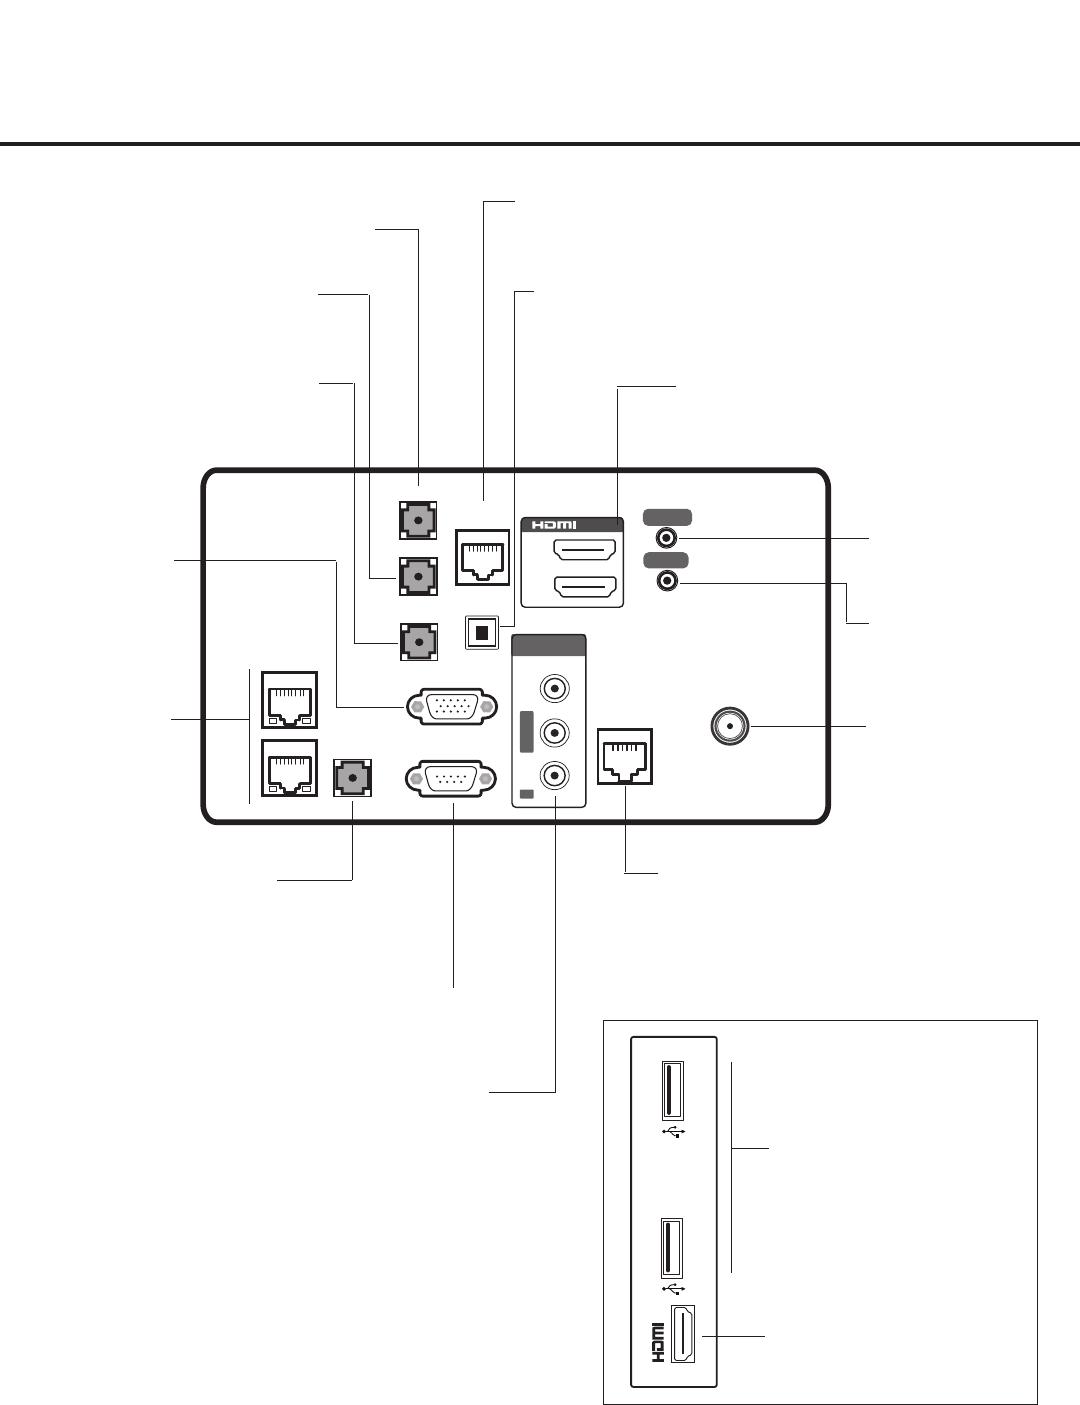 LG Electronics 32LT770H, 37LT770H, 42LT770H, 47LT770H